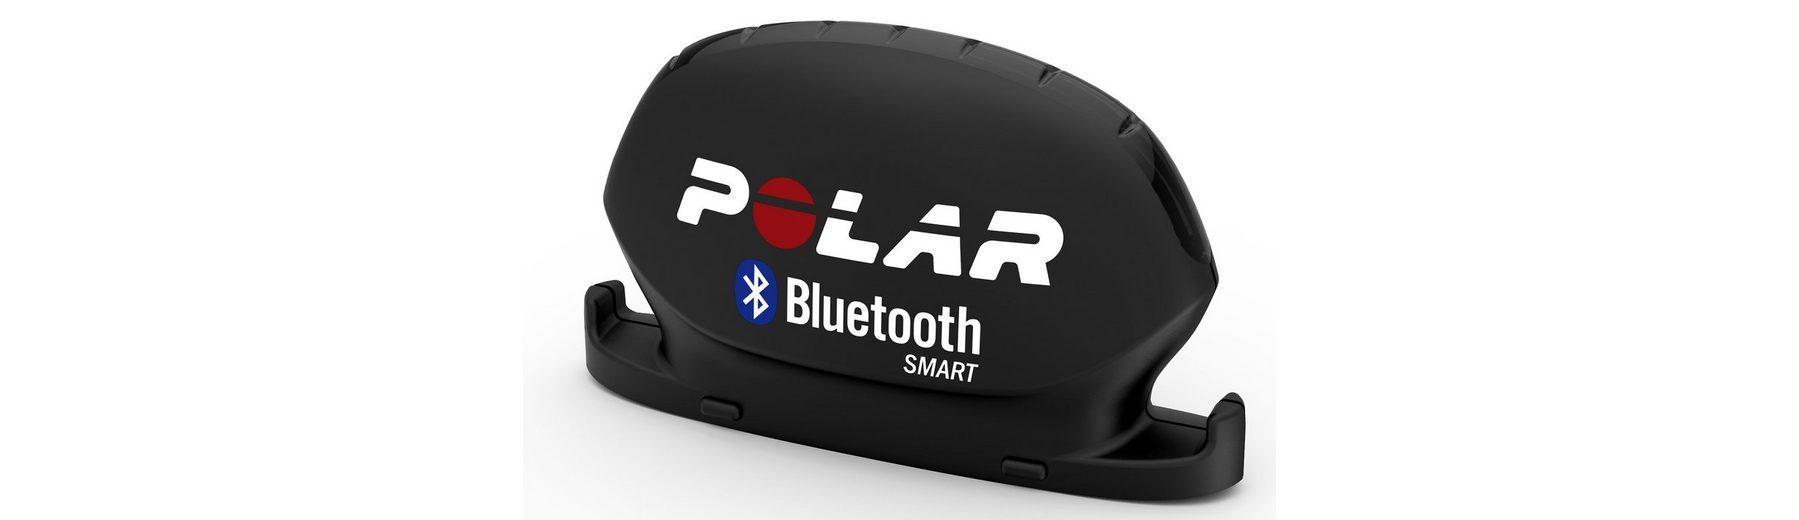 Polar »Trittfrequenzsensor Bluetooth® Smart«, Fahrradzubehör für V800 und V650